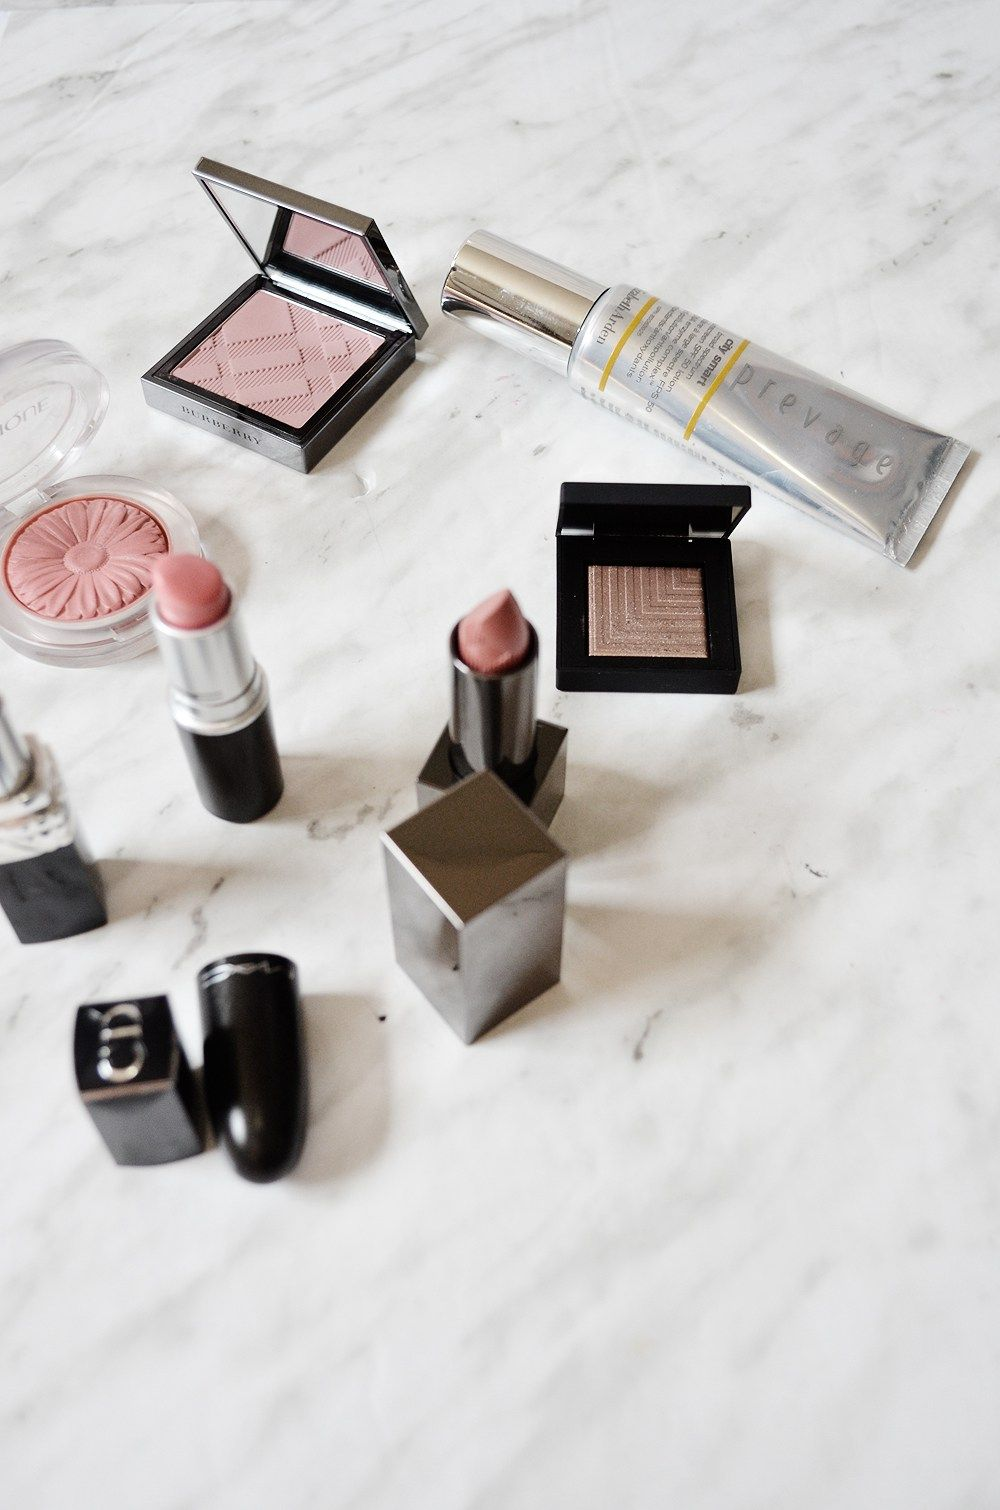 How To Sanitize Makeup! Makeup, Makeup